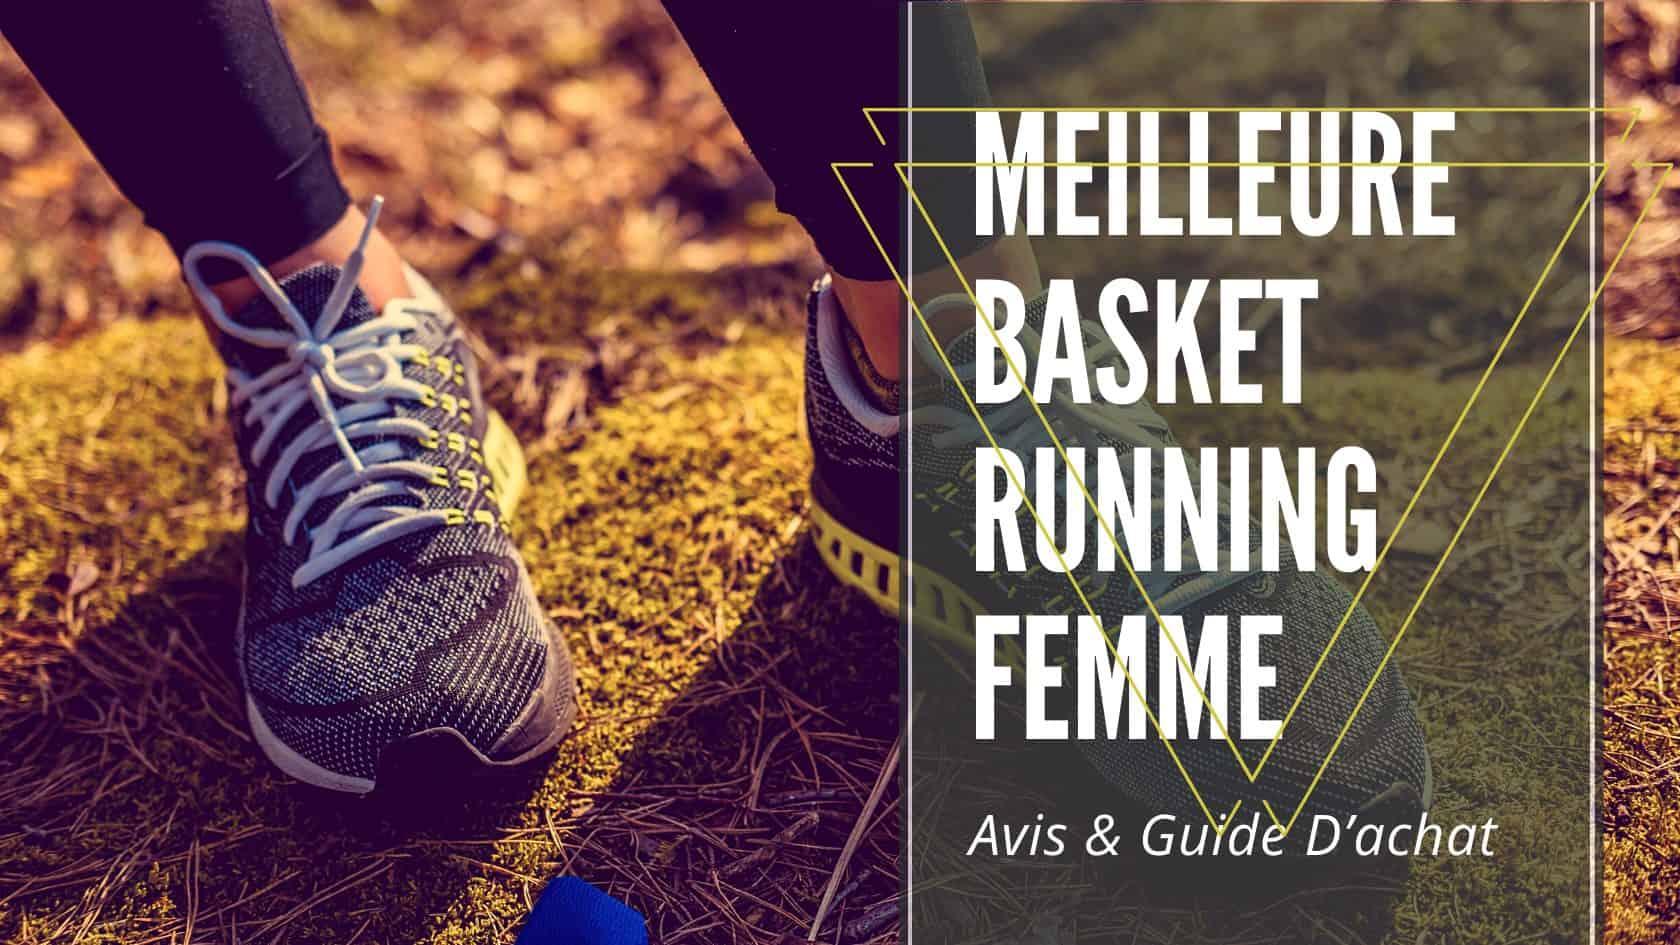 Meilleure Basket Running Femme